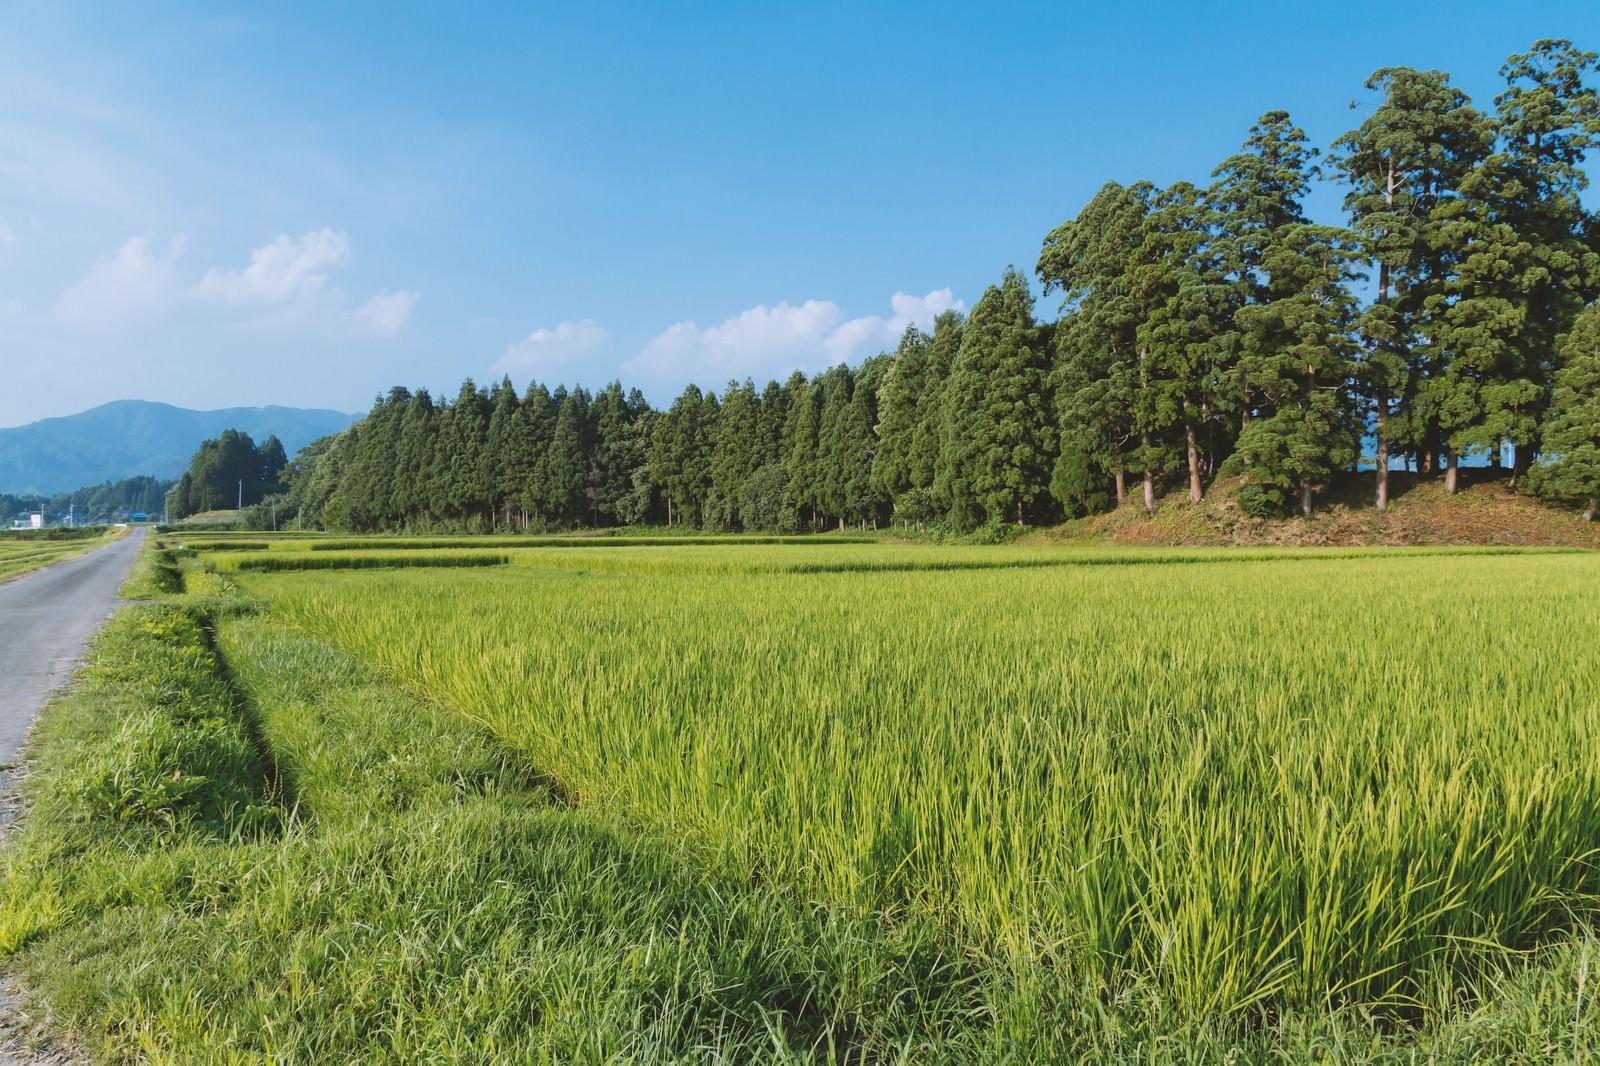 「田舎の田畑田舎の田畑」のフリー写真素材を拡大